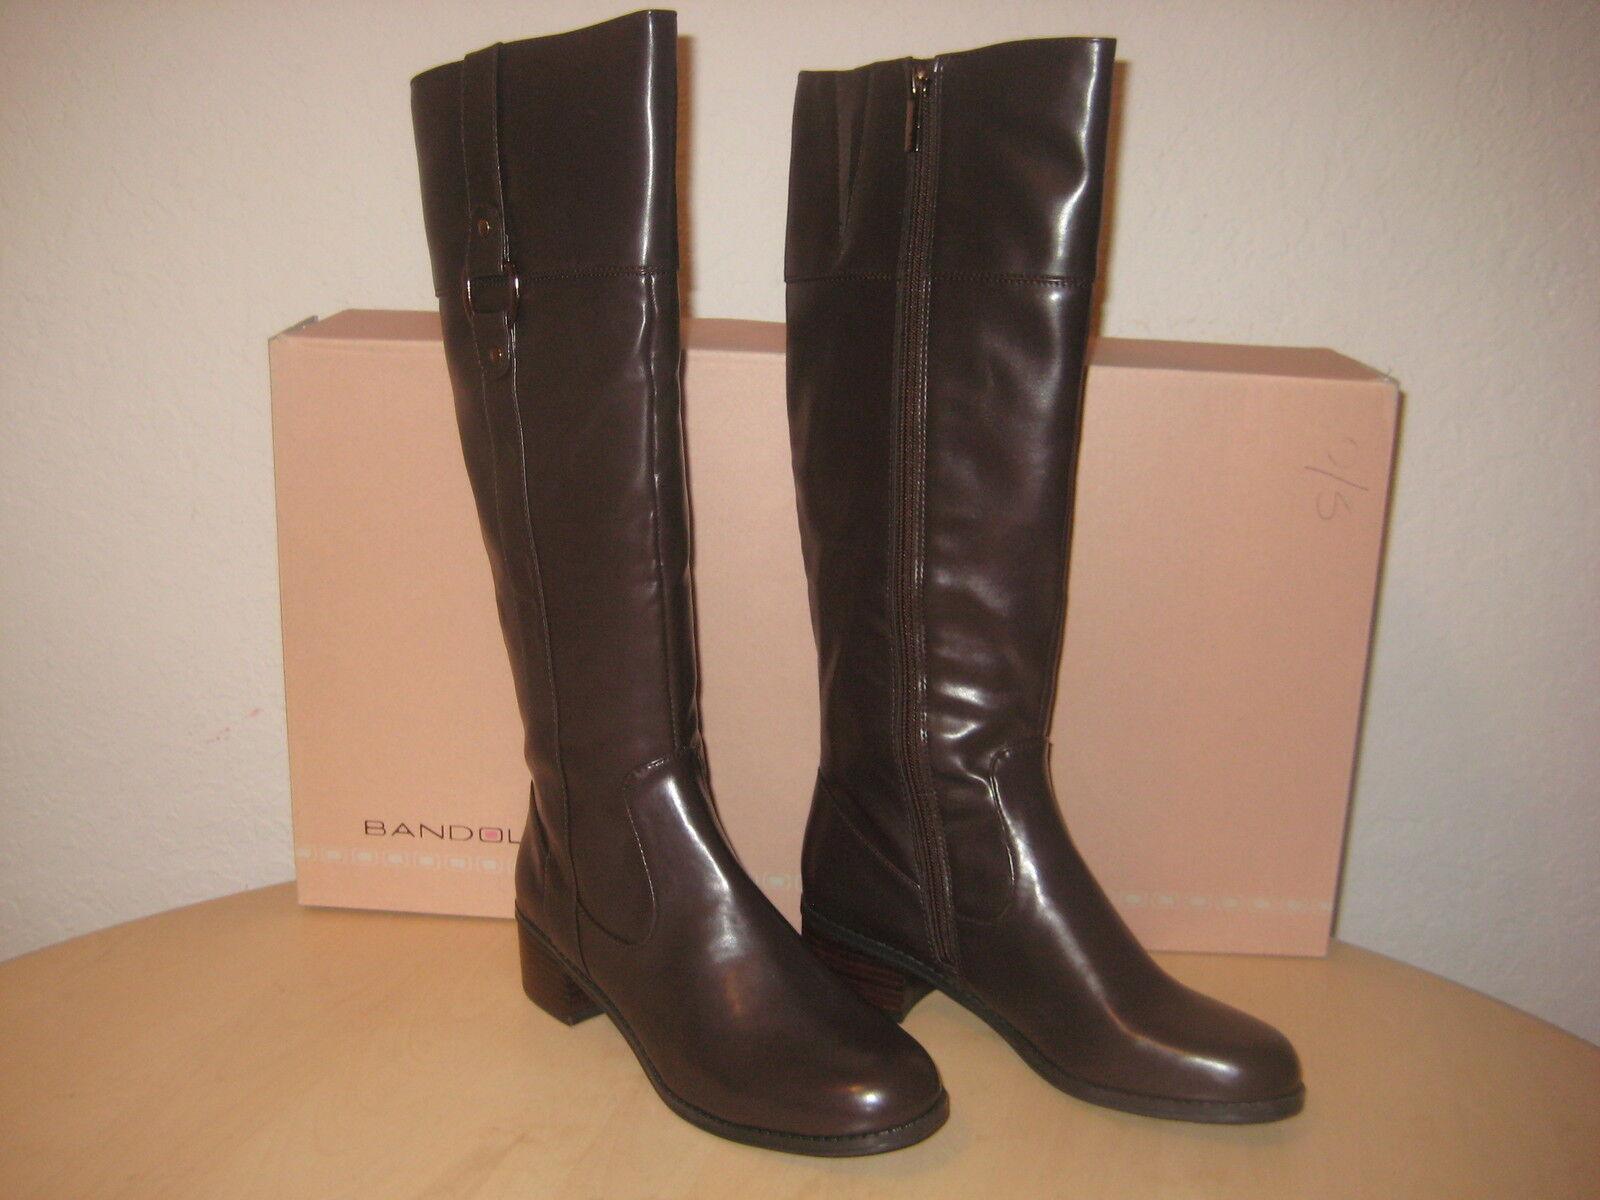 Bandolino Schuhes Größe 6 M Damenschuhe NEU Chosen Dark Braun Riding Knee High Stiefel